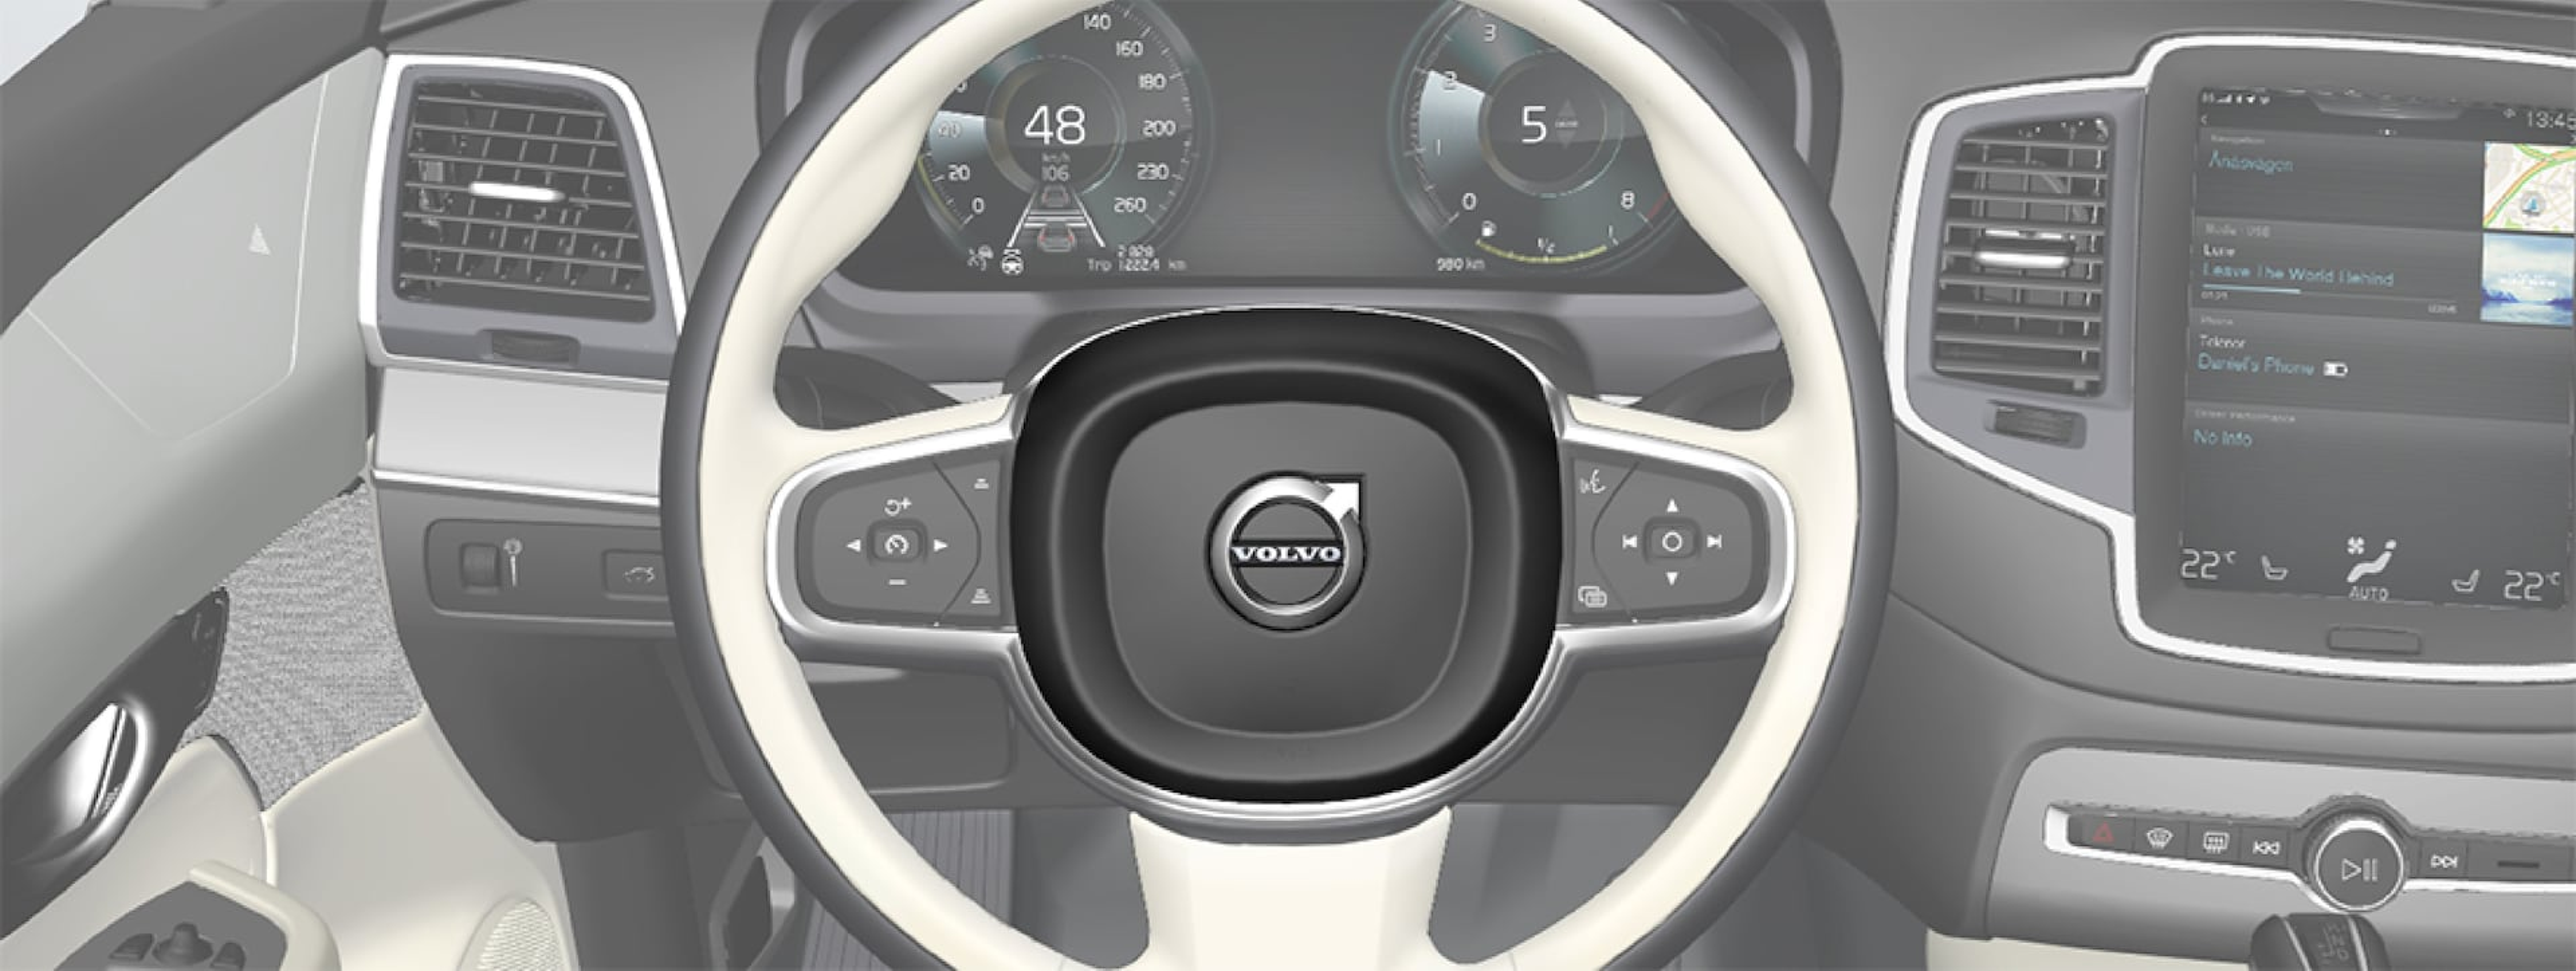 P5-1507-Horn, steering wheel